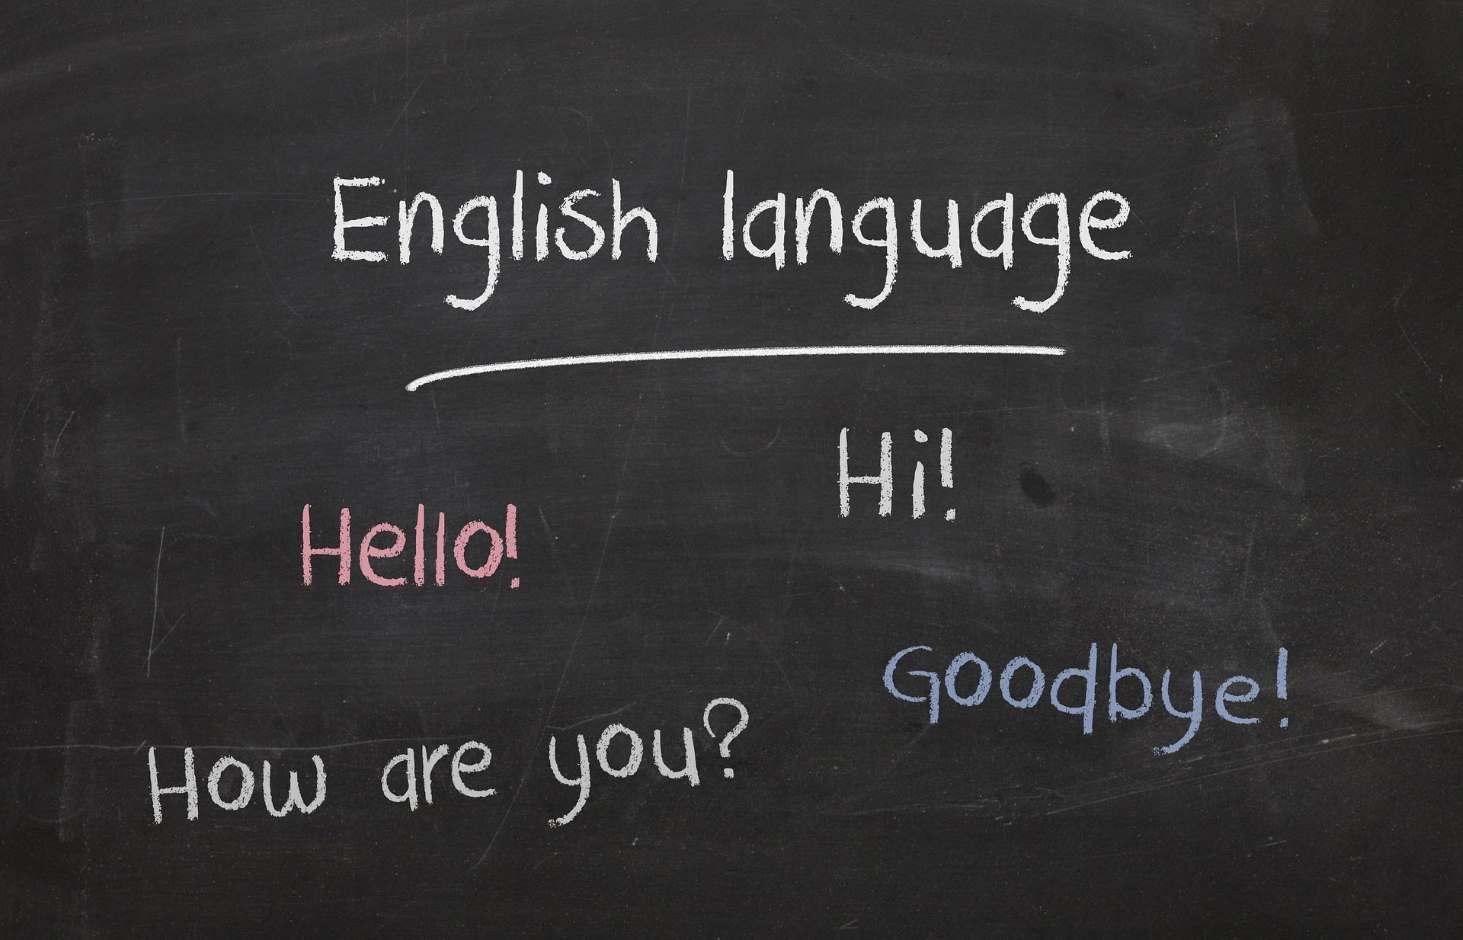 test-smozhete-li-vy-sdat-ege-po-anglijskomu-yazyku